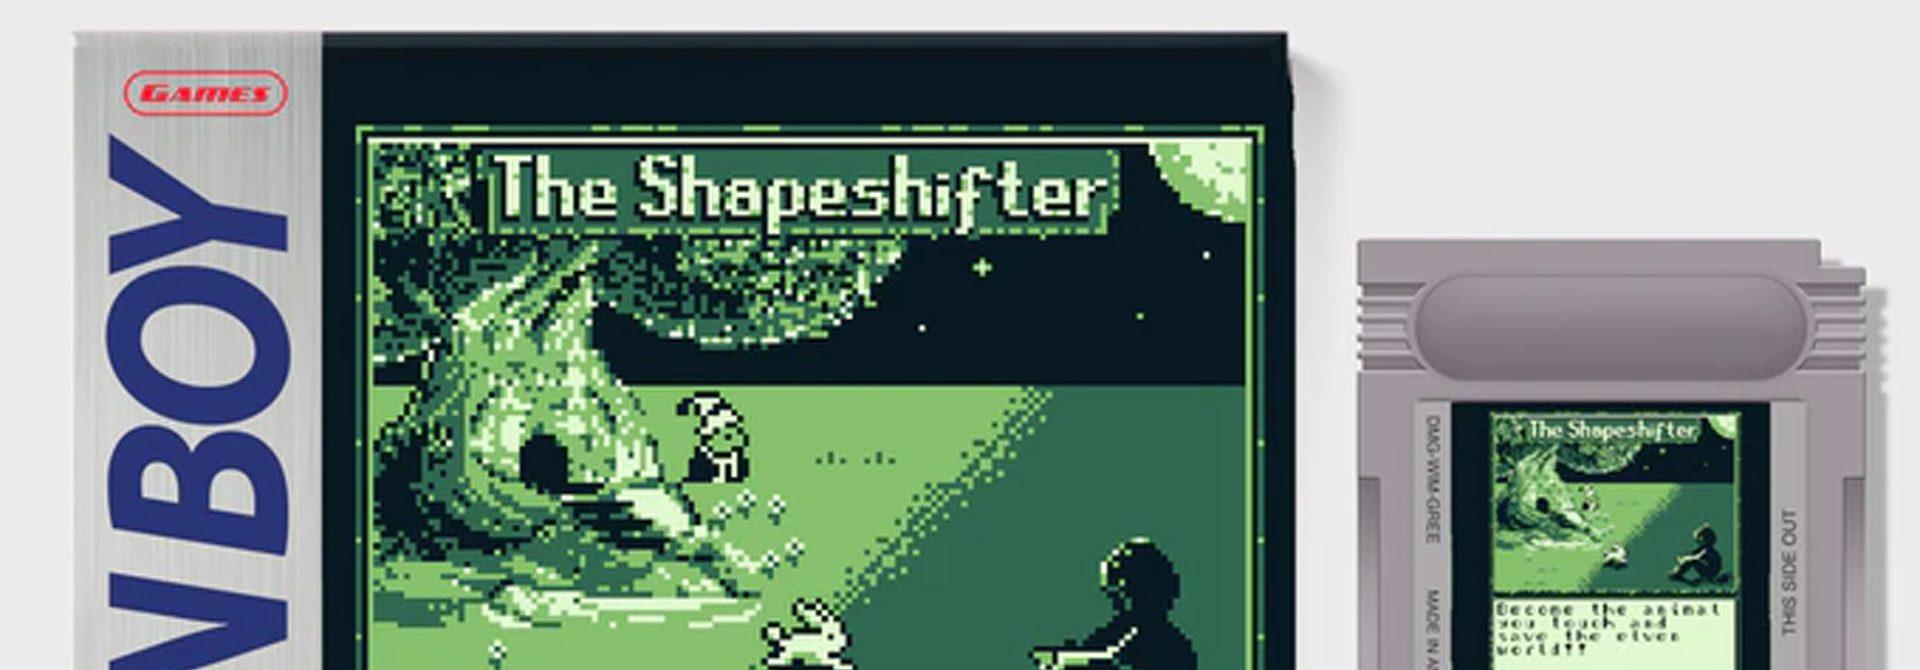 The Shapeshifter Shatters Kickstarter Goals